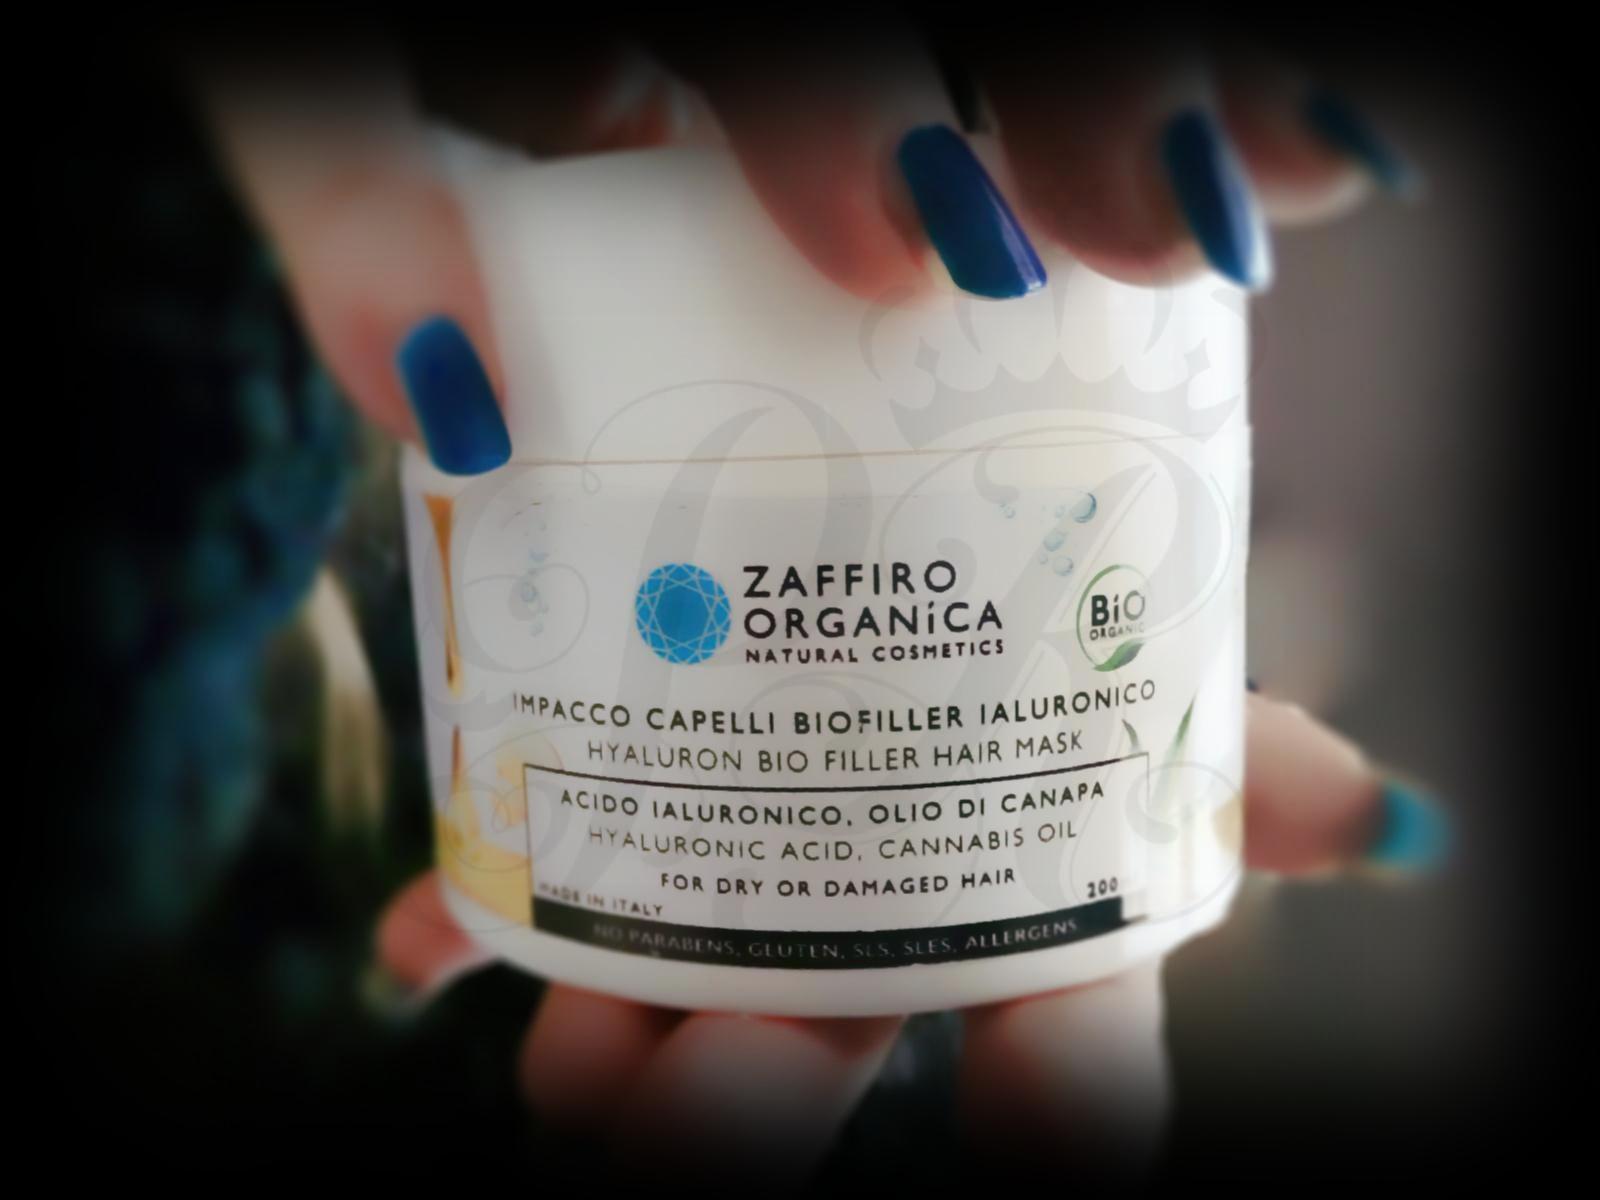 Zaffiro Organica Impacco-maschera capelli biofiller acido ialuronico